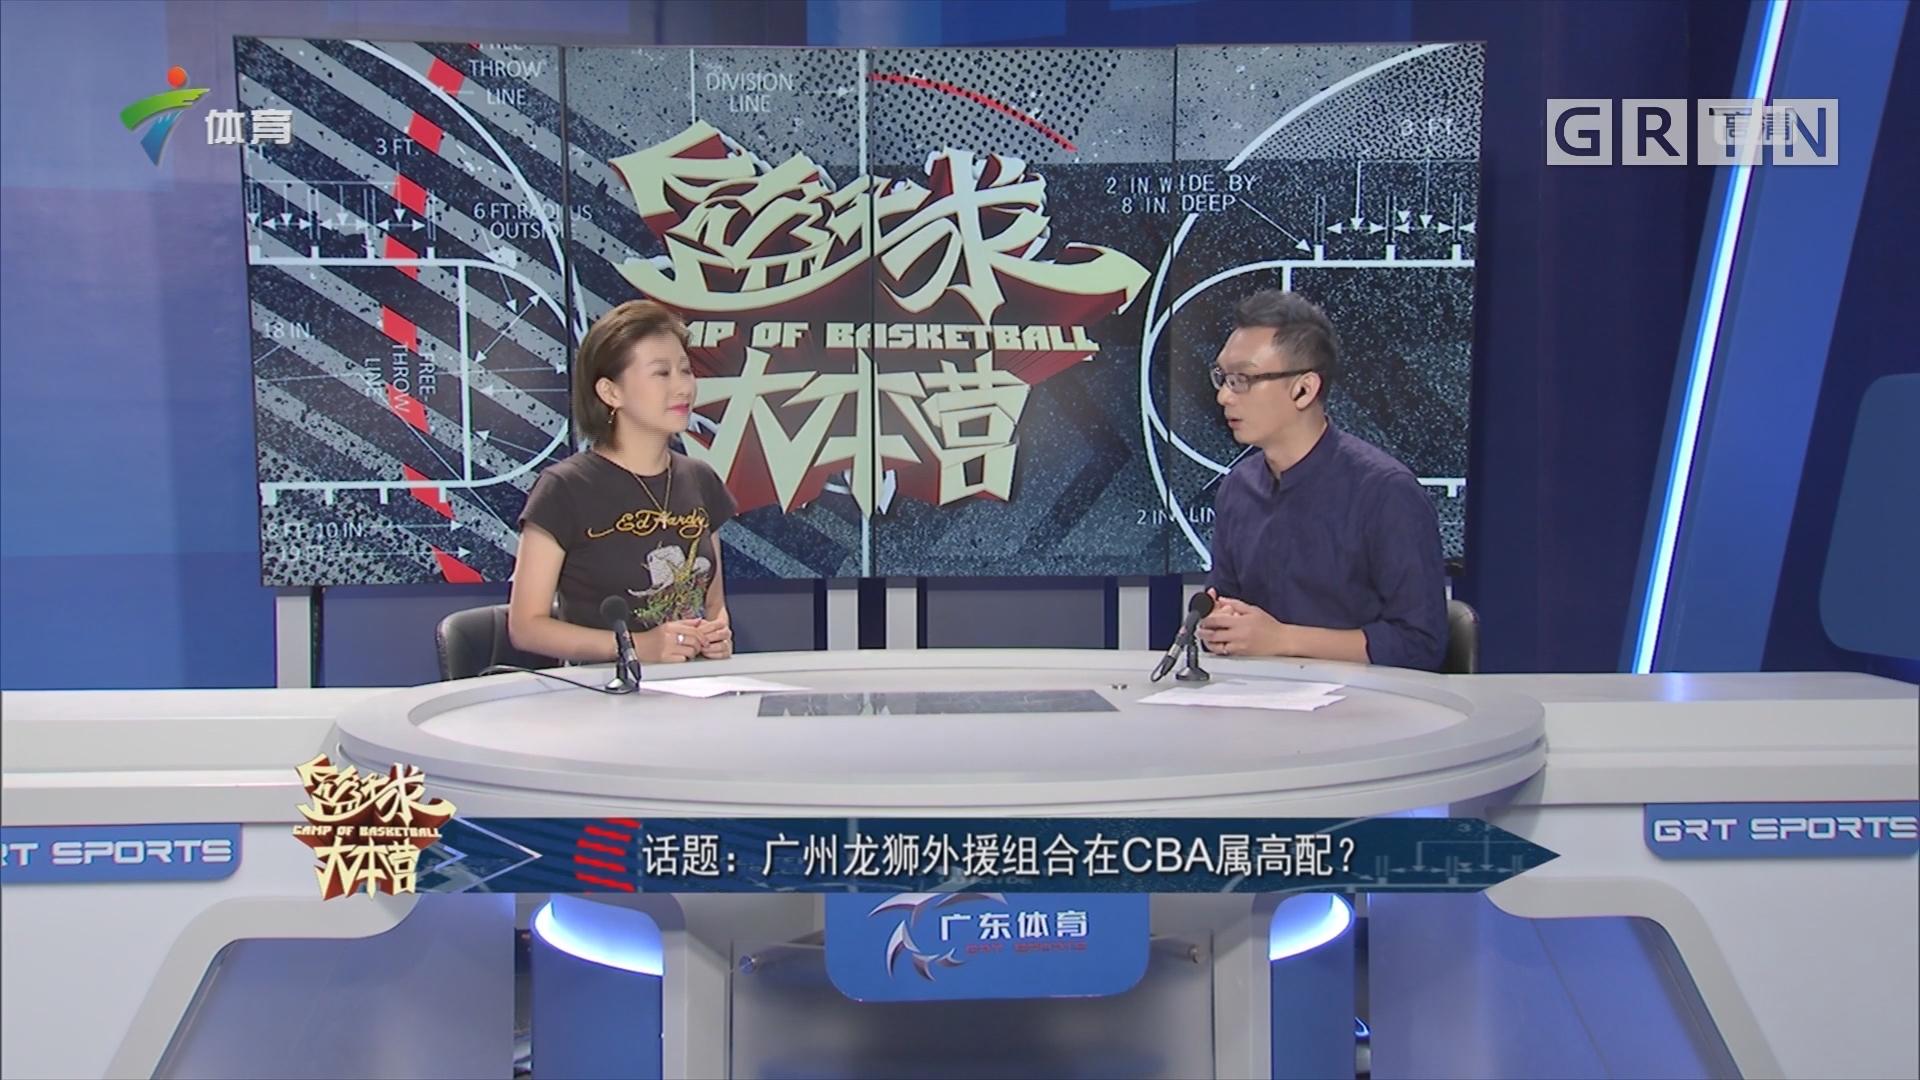 话题:广州龙狮外援组合在CBA属高配?